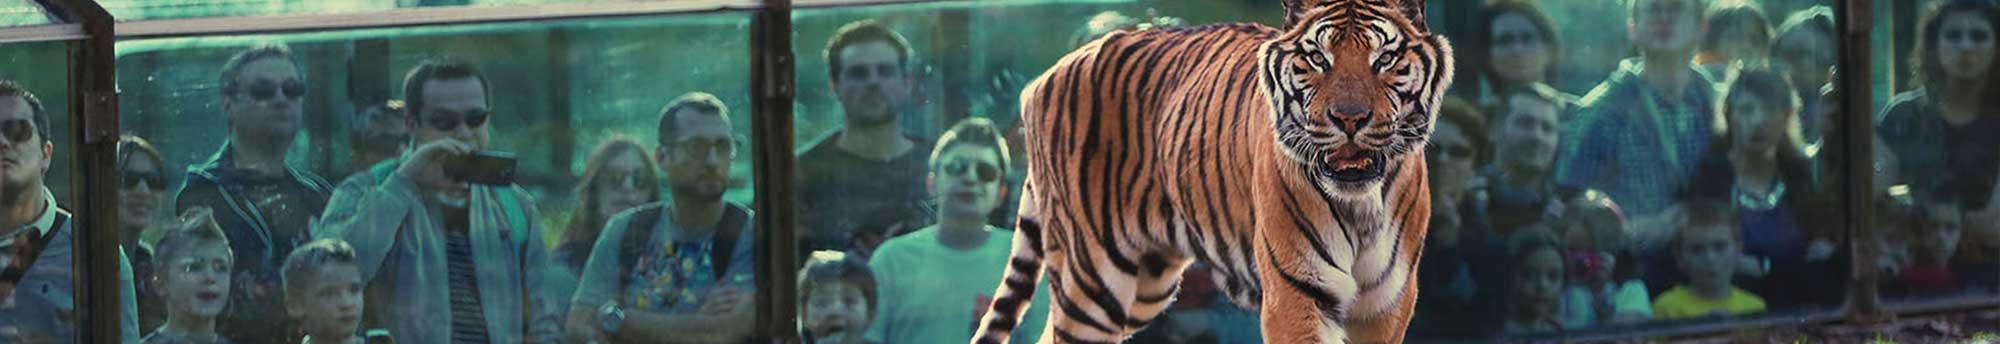 Hôtel + Billets pour Thoiry ZooSafari